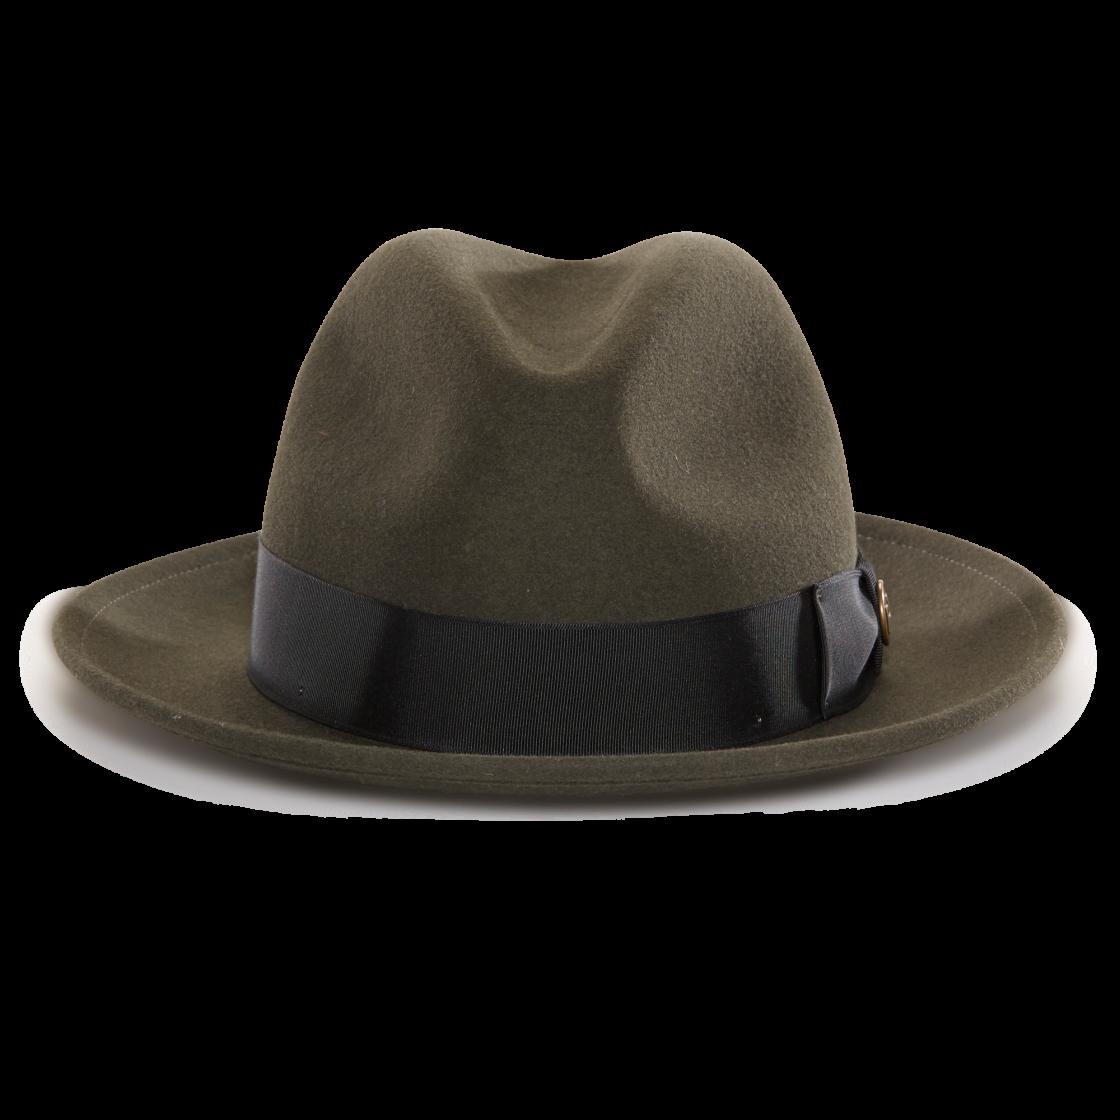 ec17fc6bdd7 Dean The Butcher Whiskeyfelt Wide Brim Fedora hat front view